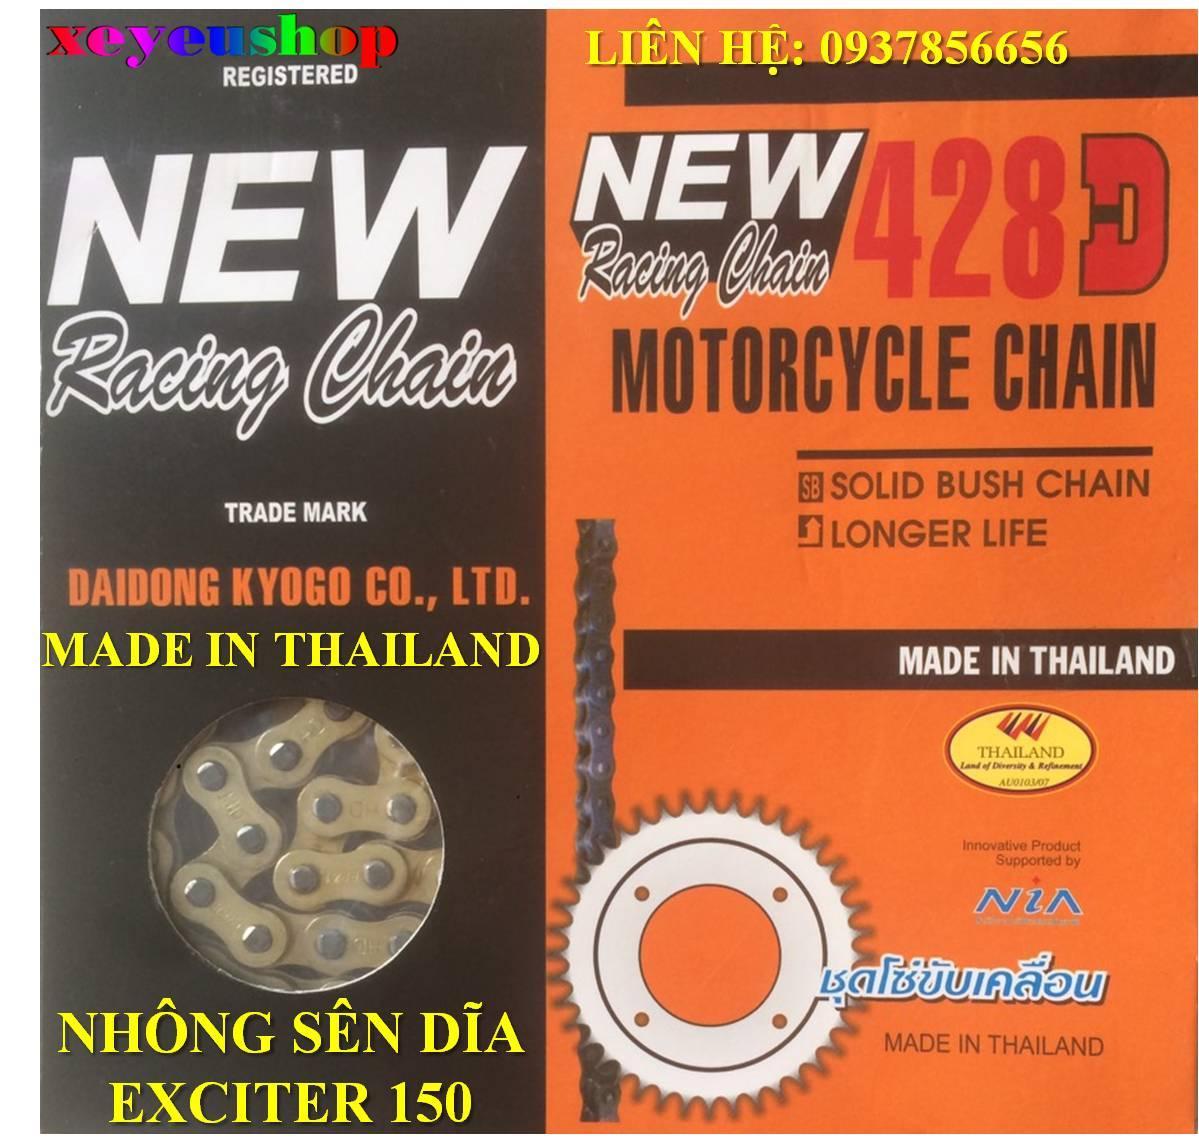 Nhông sên dĩa Exciter 150 428D vàng Thái Lan